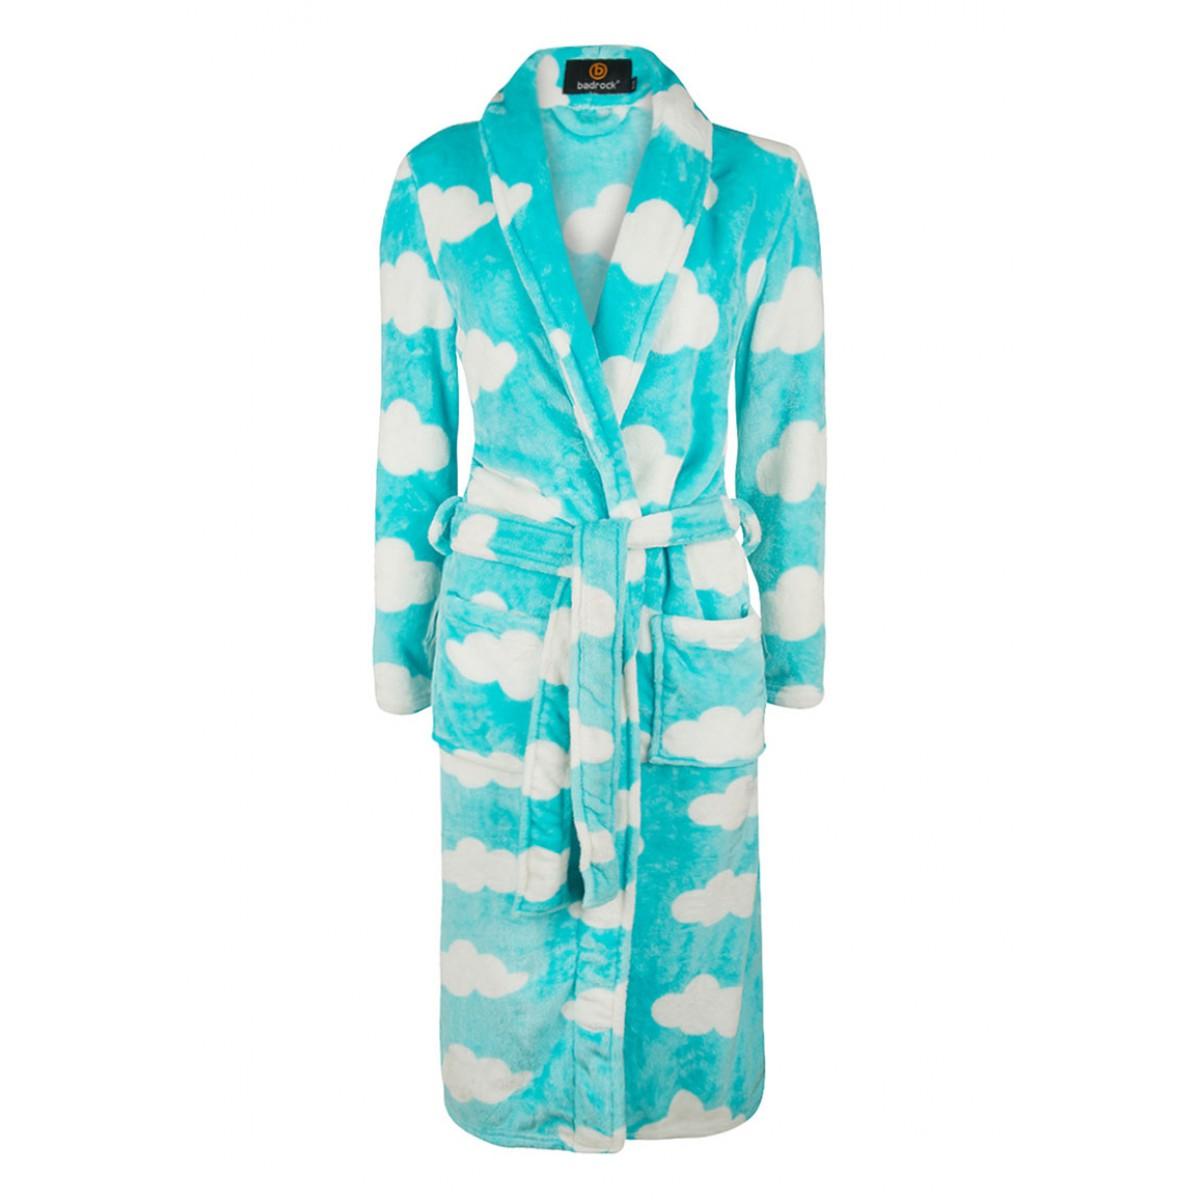 Lichtblauwe kinderbadjas met wolkjes